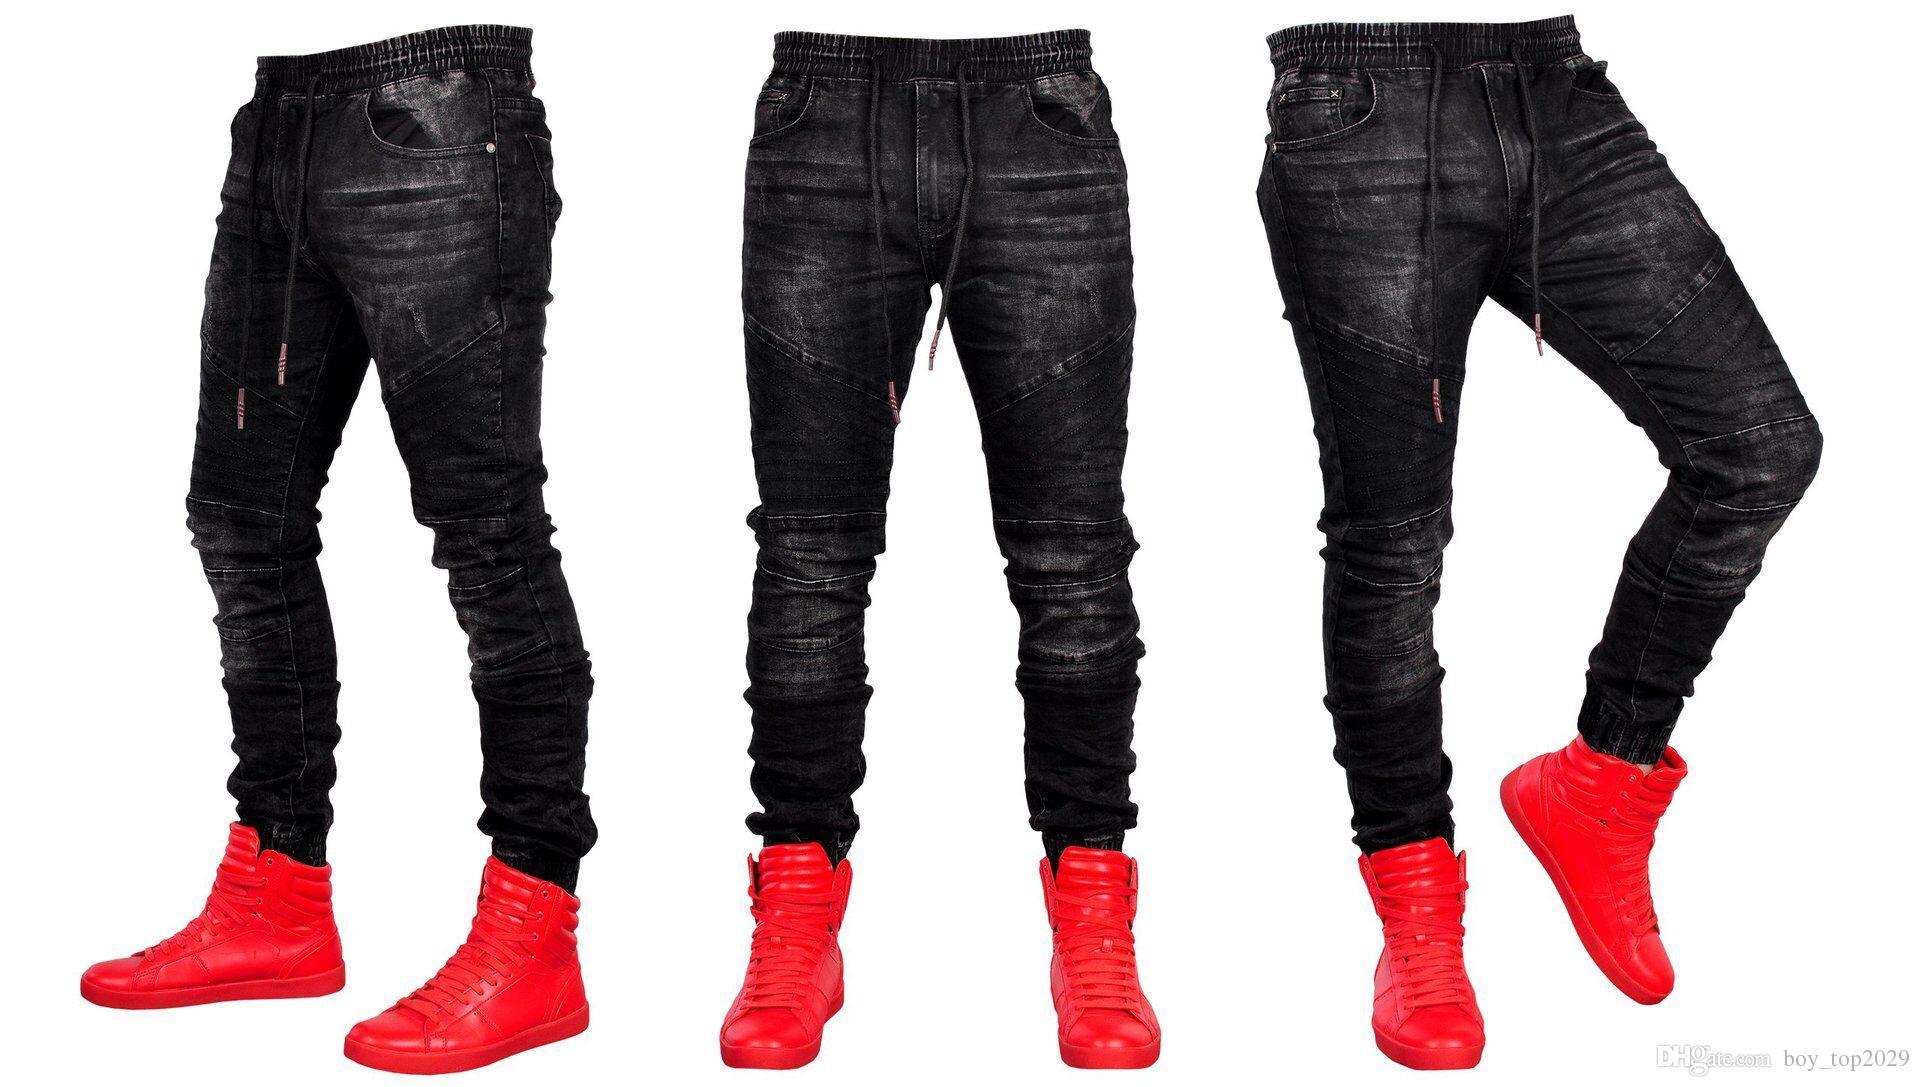 10a07bfc049f76 Compre Alta Calidad HOT 2019 Jeans Modelos De Explosión De Los Hombres  Jogger Moda Elástica Cintura Pantalones De Mezclilla Pantalones Rotos 3XL A  $27.42 ...